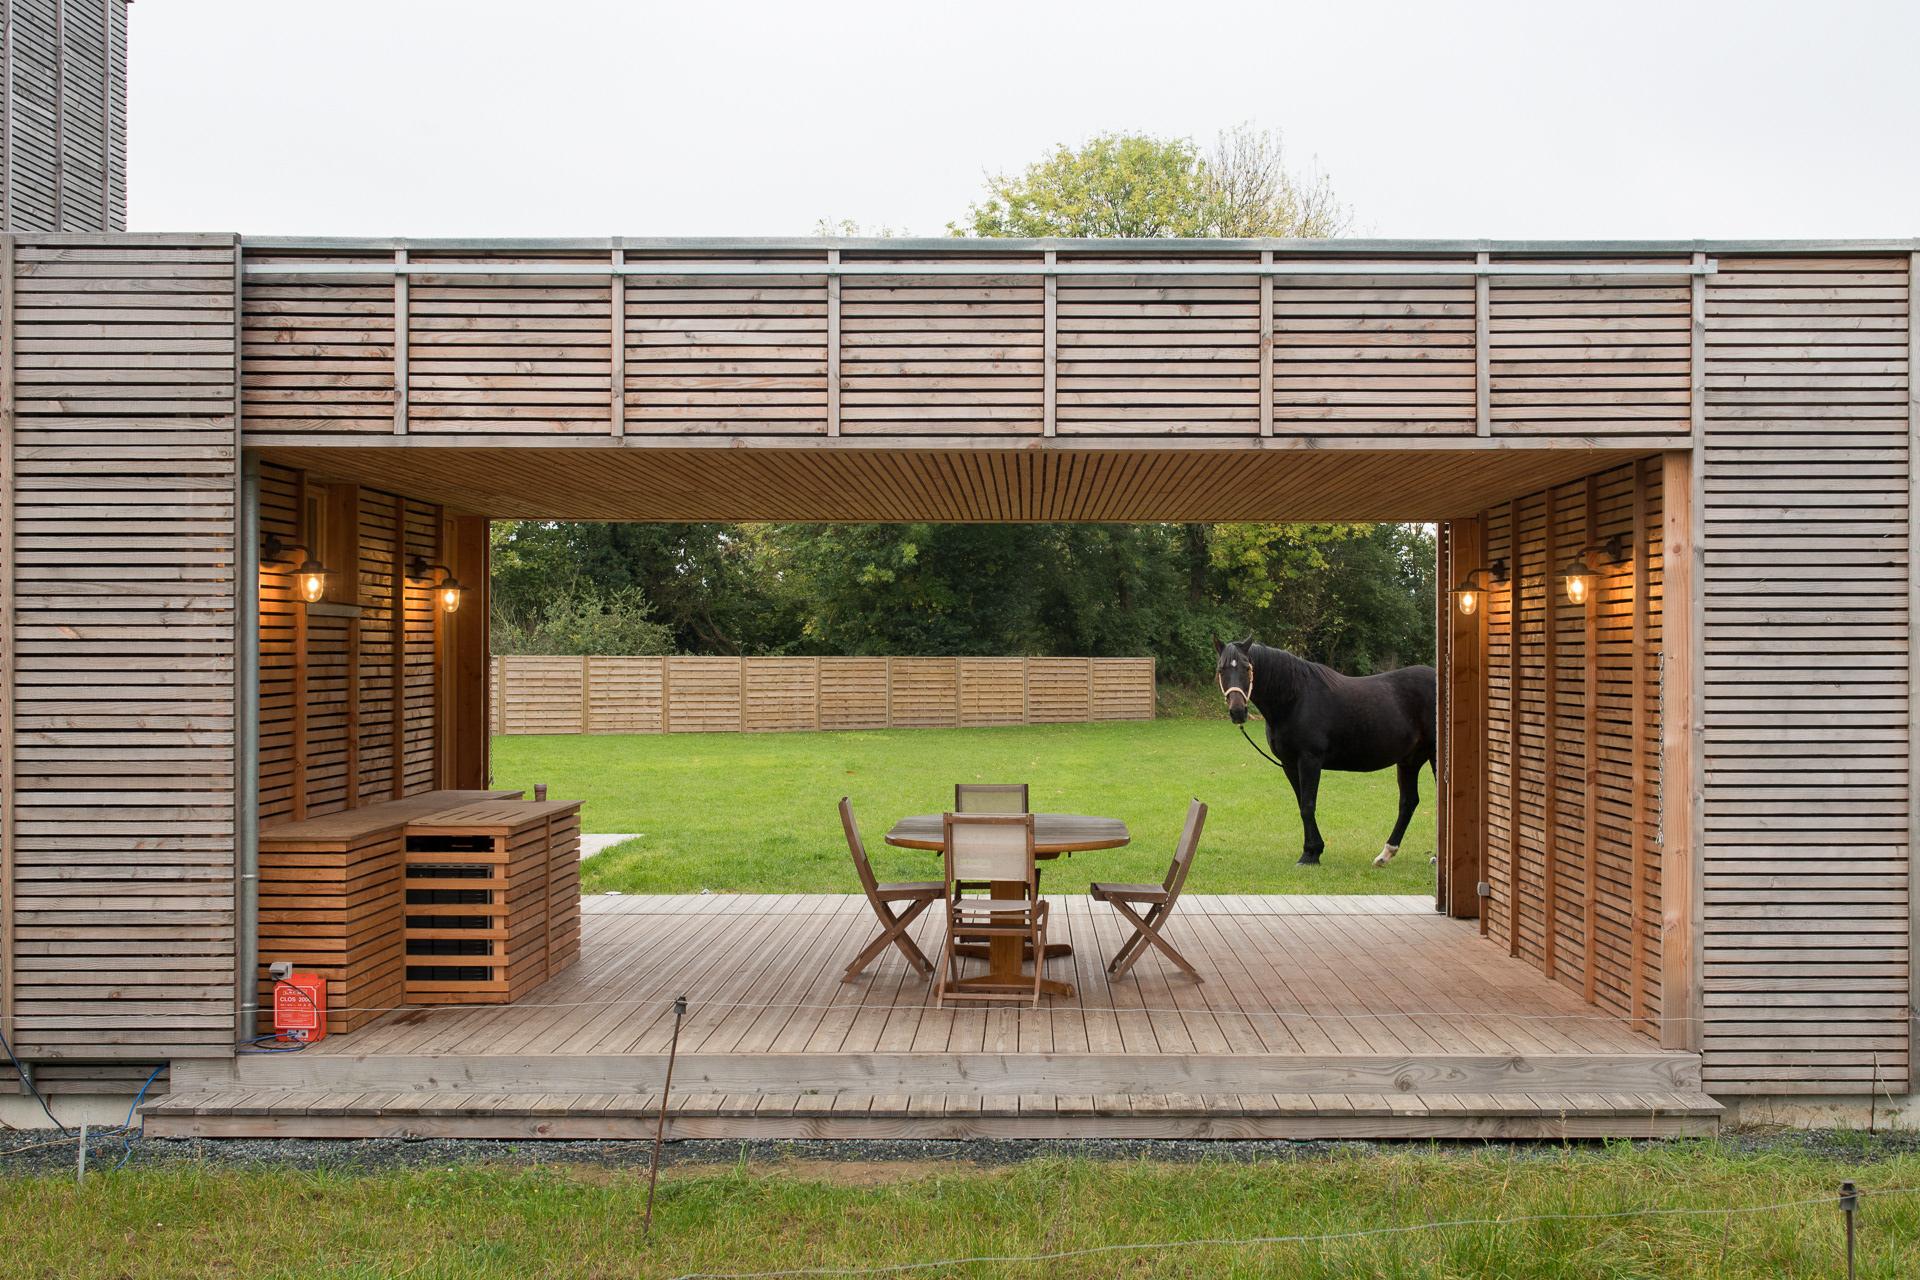 Architecte Cotes D Armor martin argyroglo photographe - maison à saint-agathon